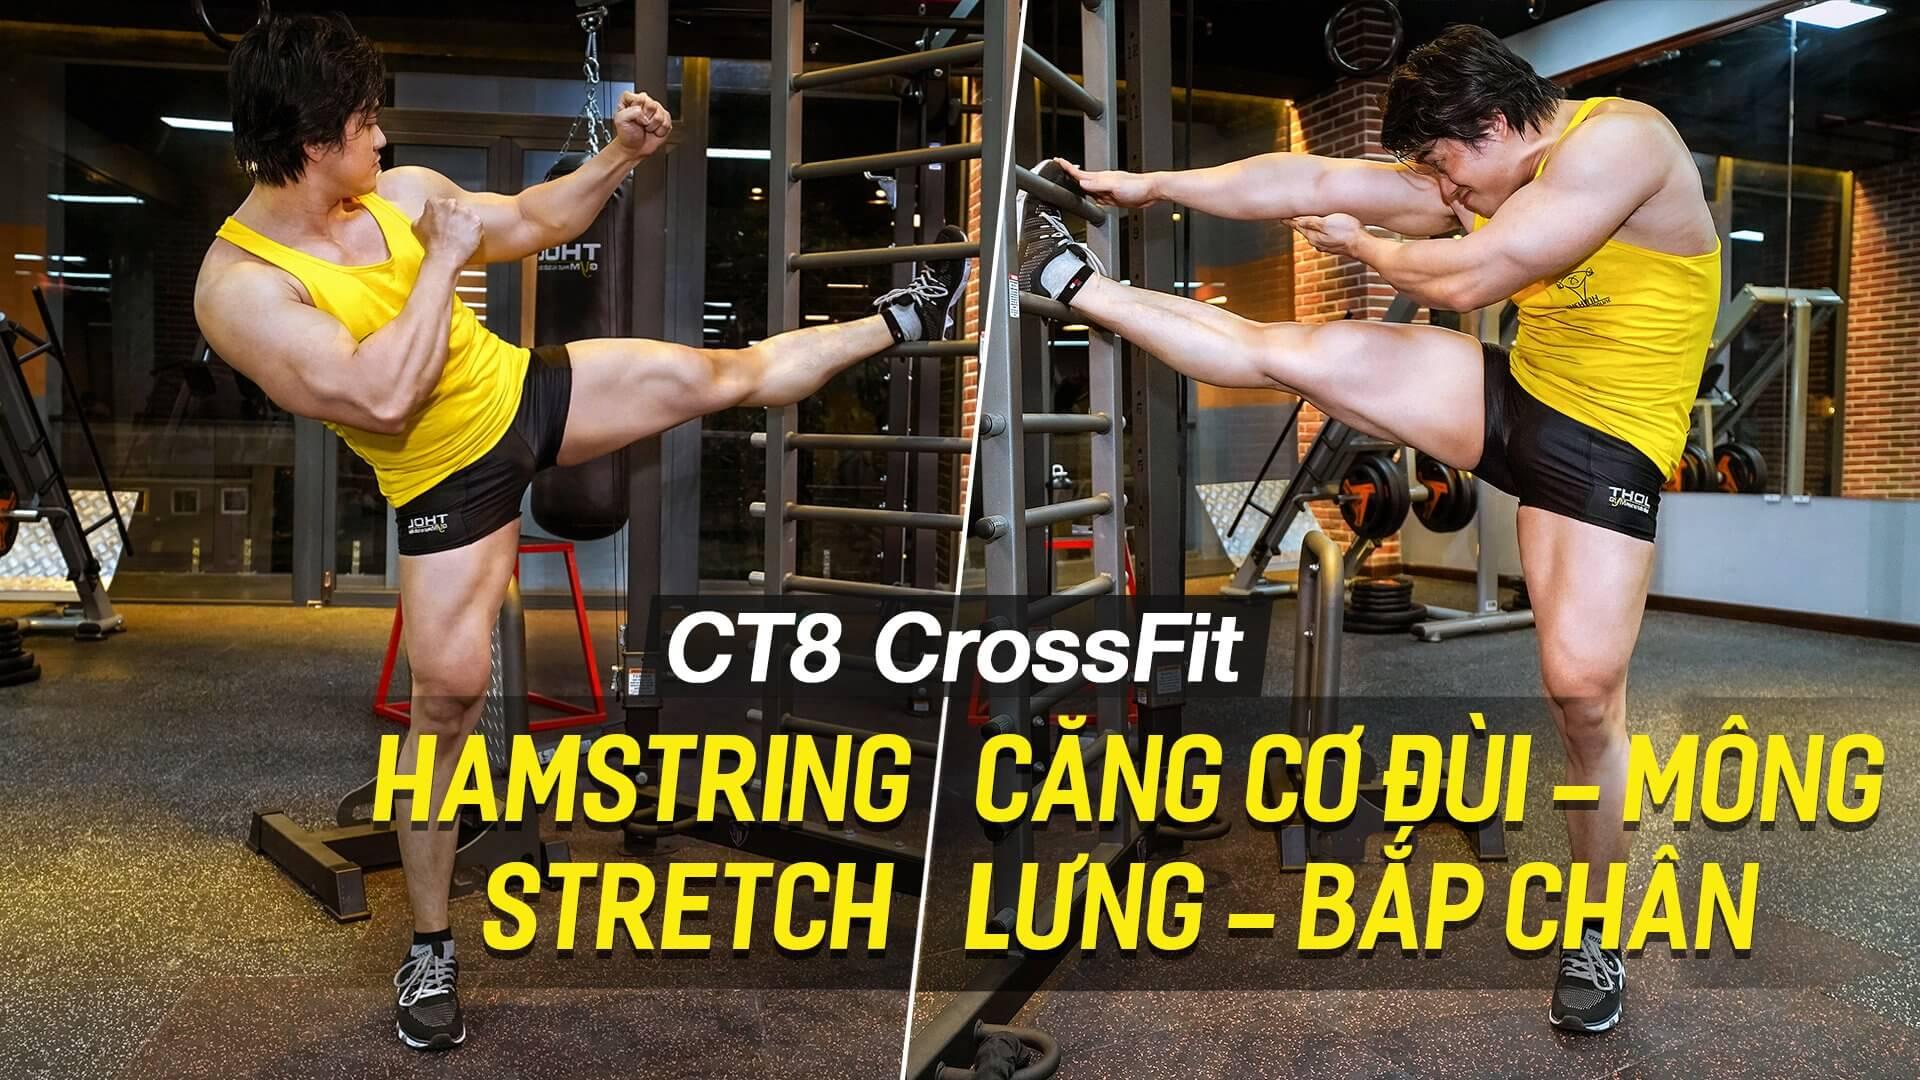 Hamstring Stretch – Căng cơ đùi, mông, bắp chân trên máy CT8 Crossfit